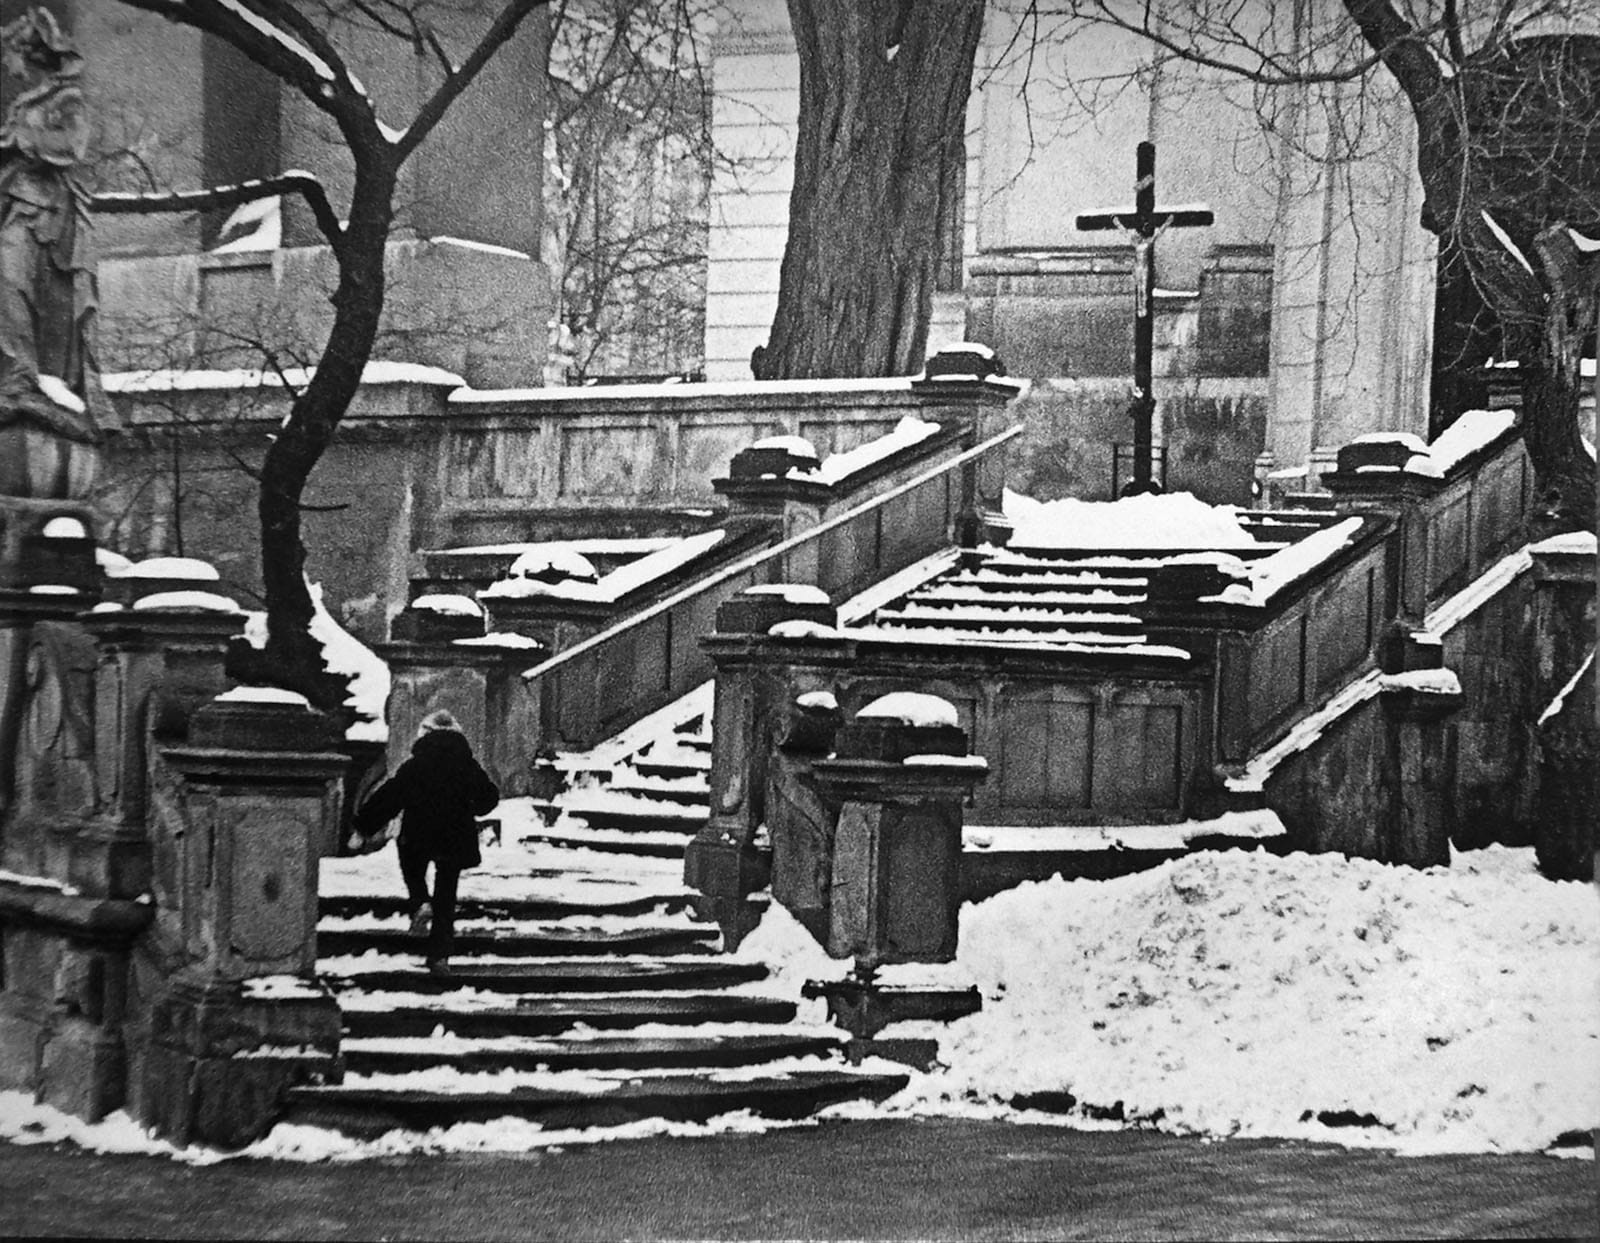 En montant les escaliers (Lvov, 1979)